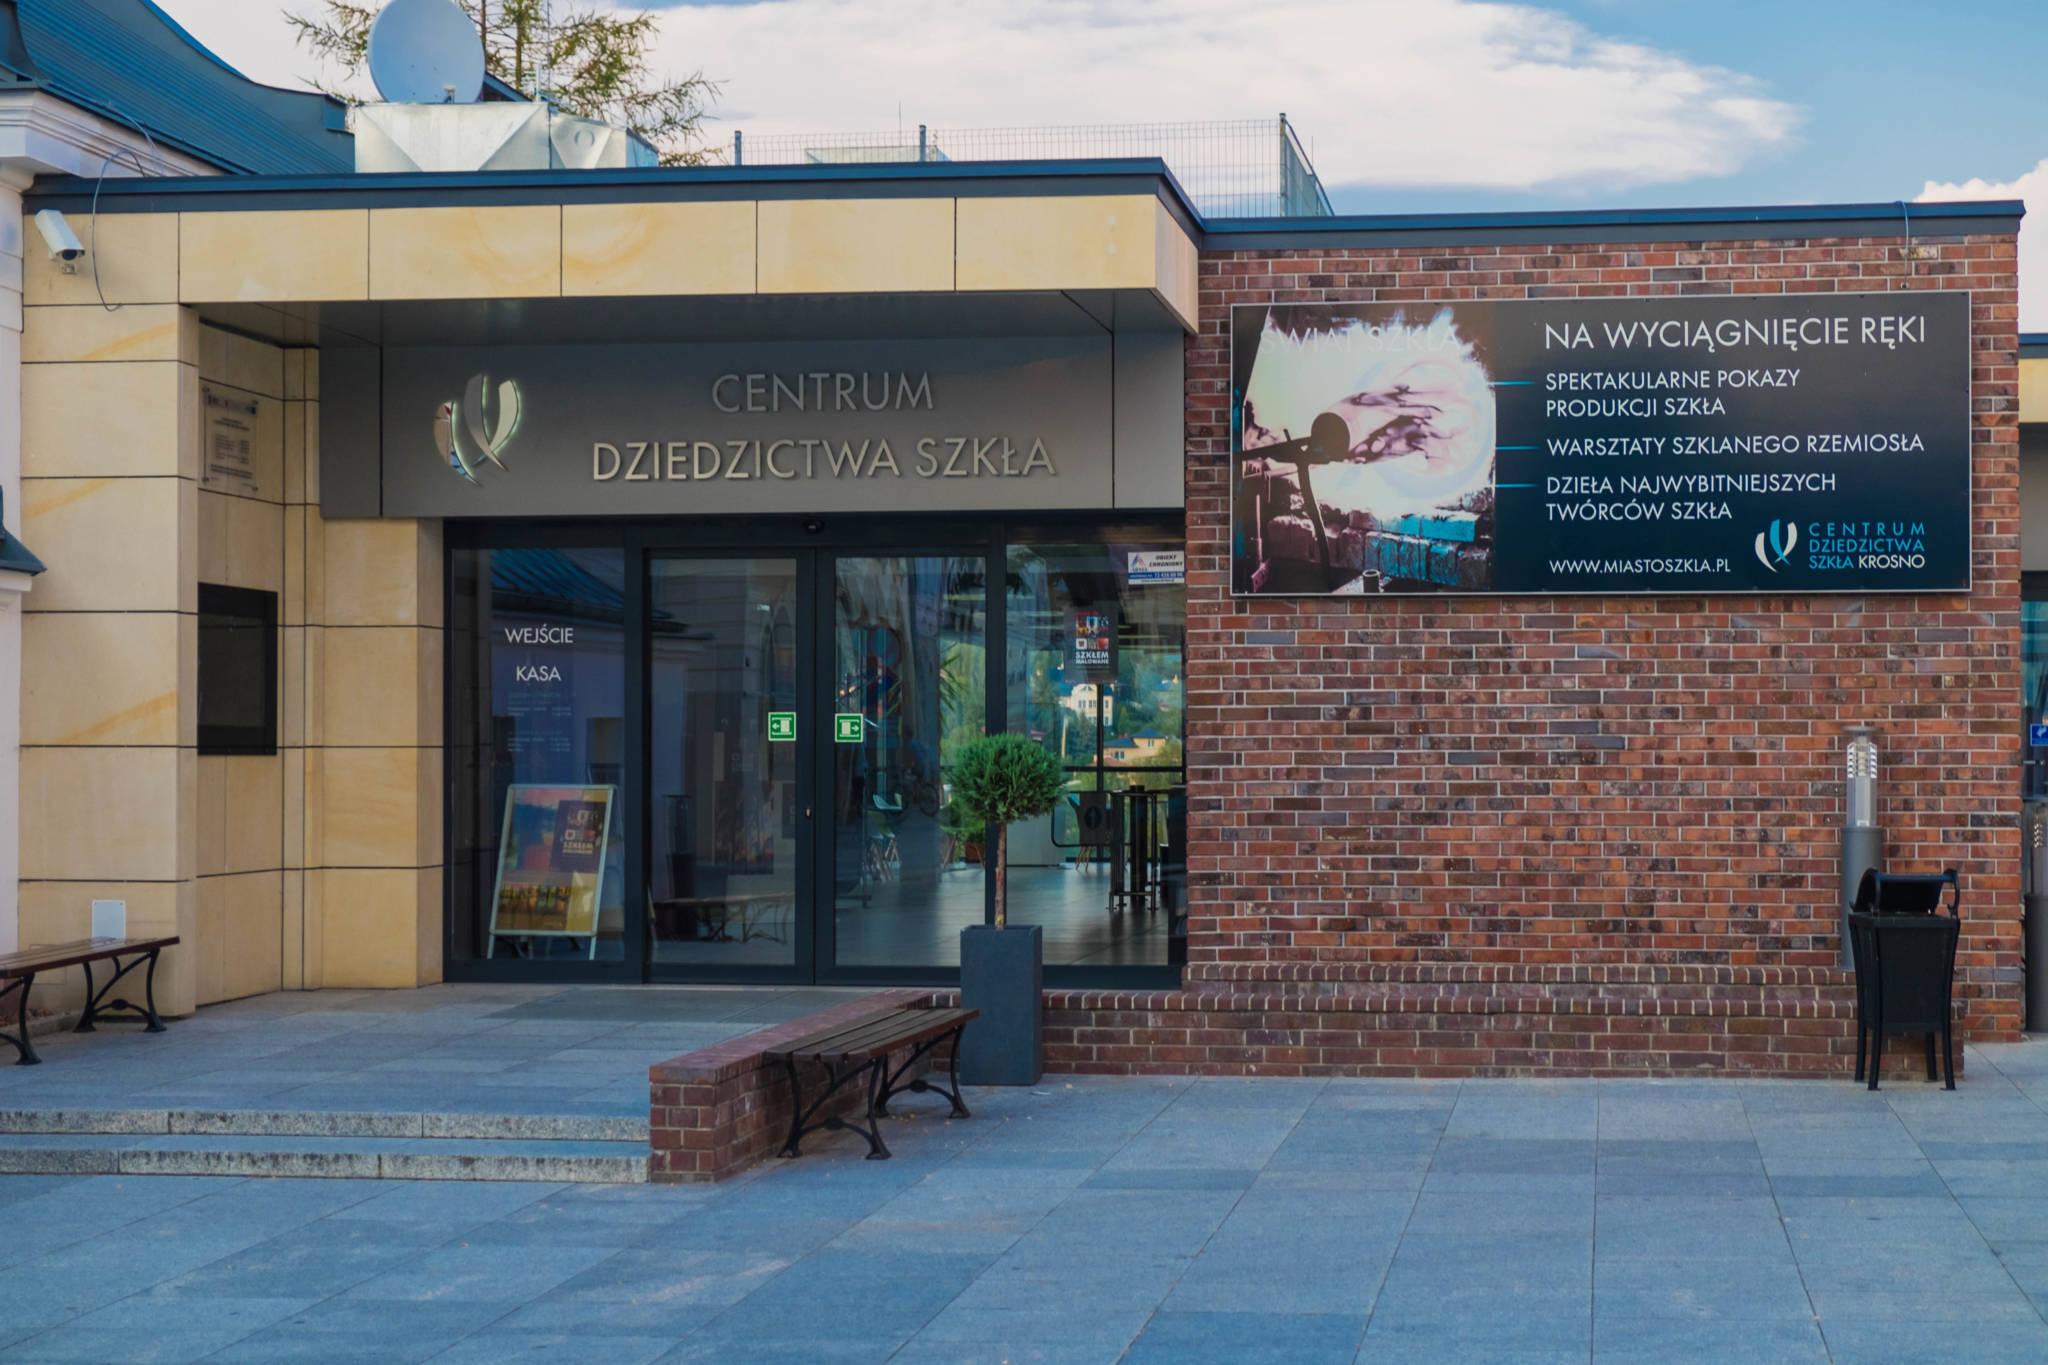 Centrum Dziedzictwa Szkła (14 of 14)